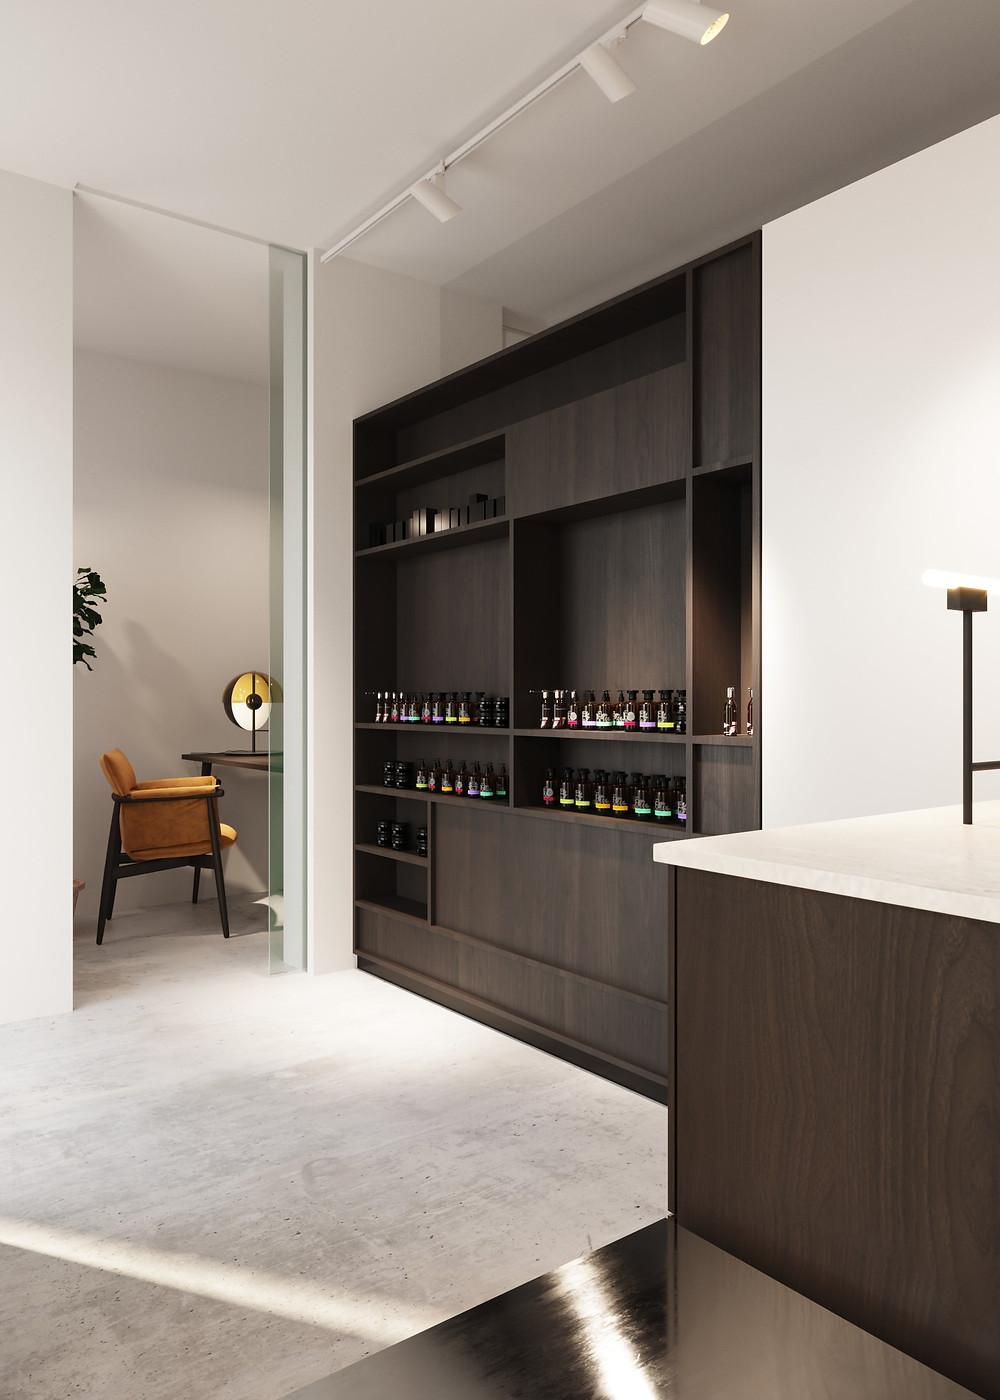 Interior design pharmacy render 02